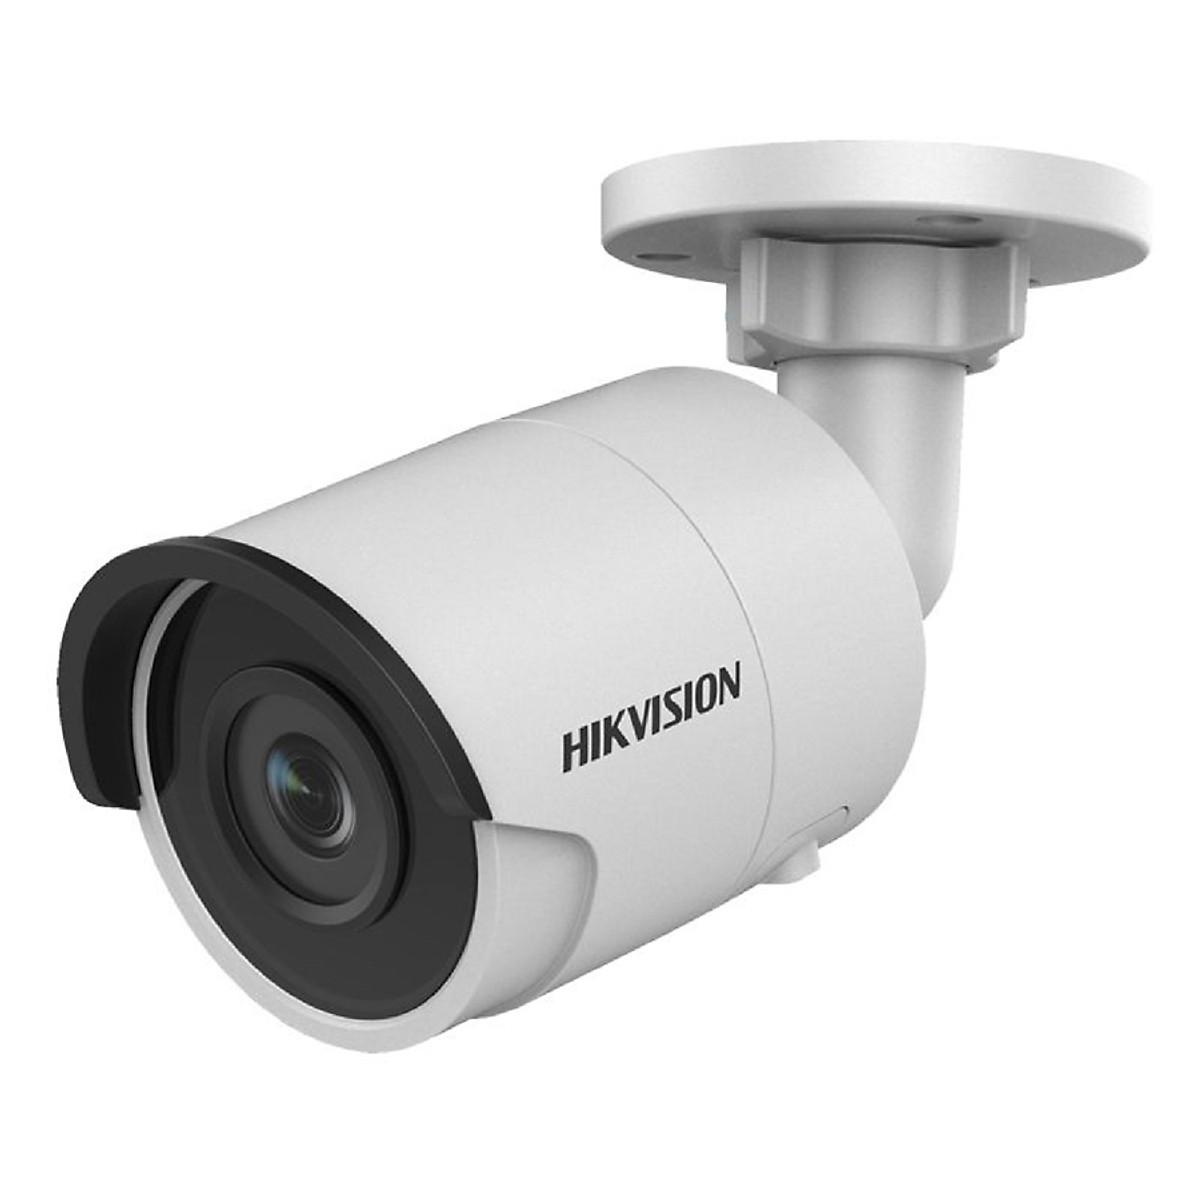 Camera IP Hikvision Thân Ống 2MP DS-2CD2025FWD-I Hồng Ngoại 30M – Hàng Chính Hãng